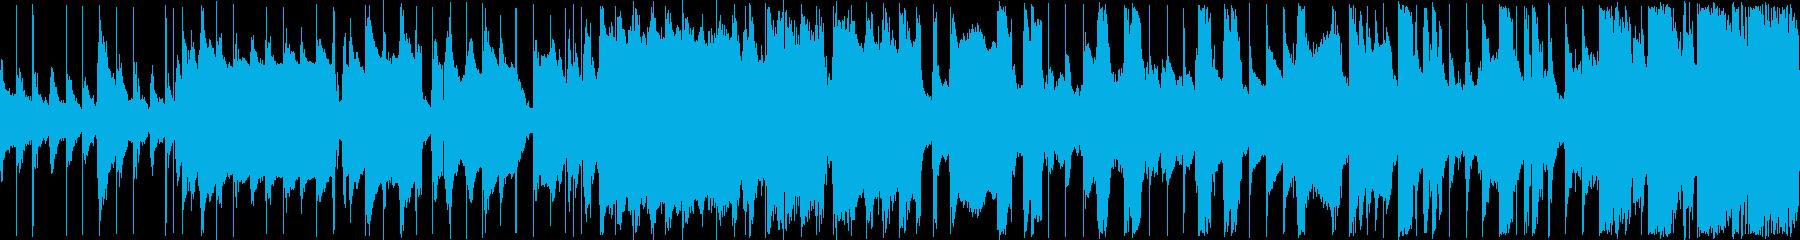 のどかでほのぼのとしたループ楽曲の再生済みの波形